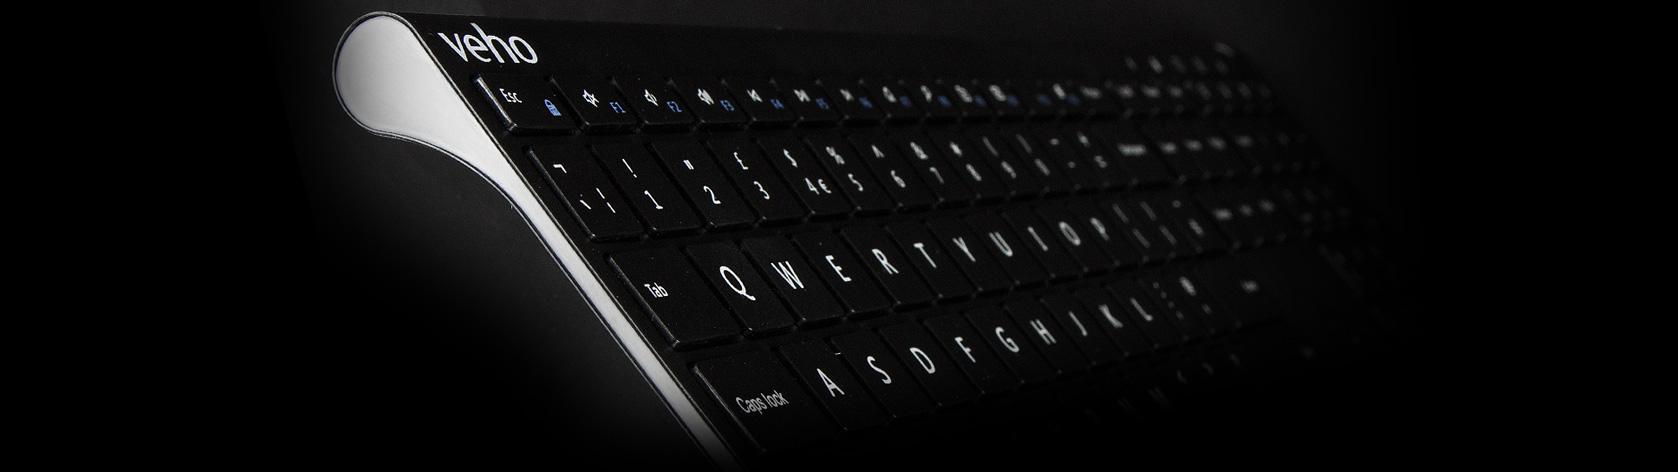 HUT8 Keyboard & Mice